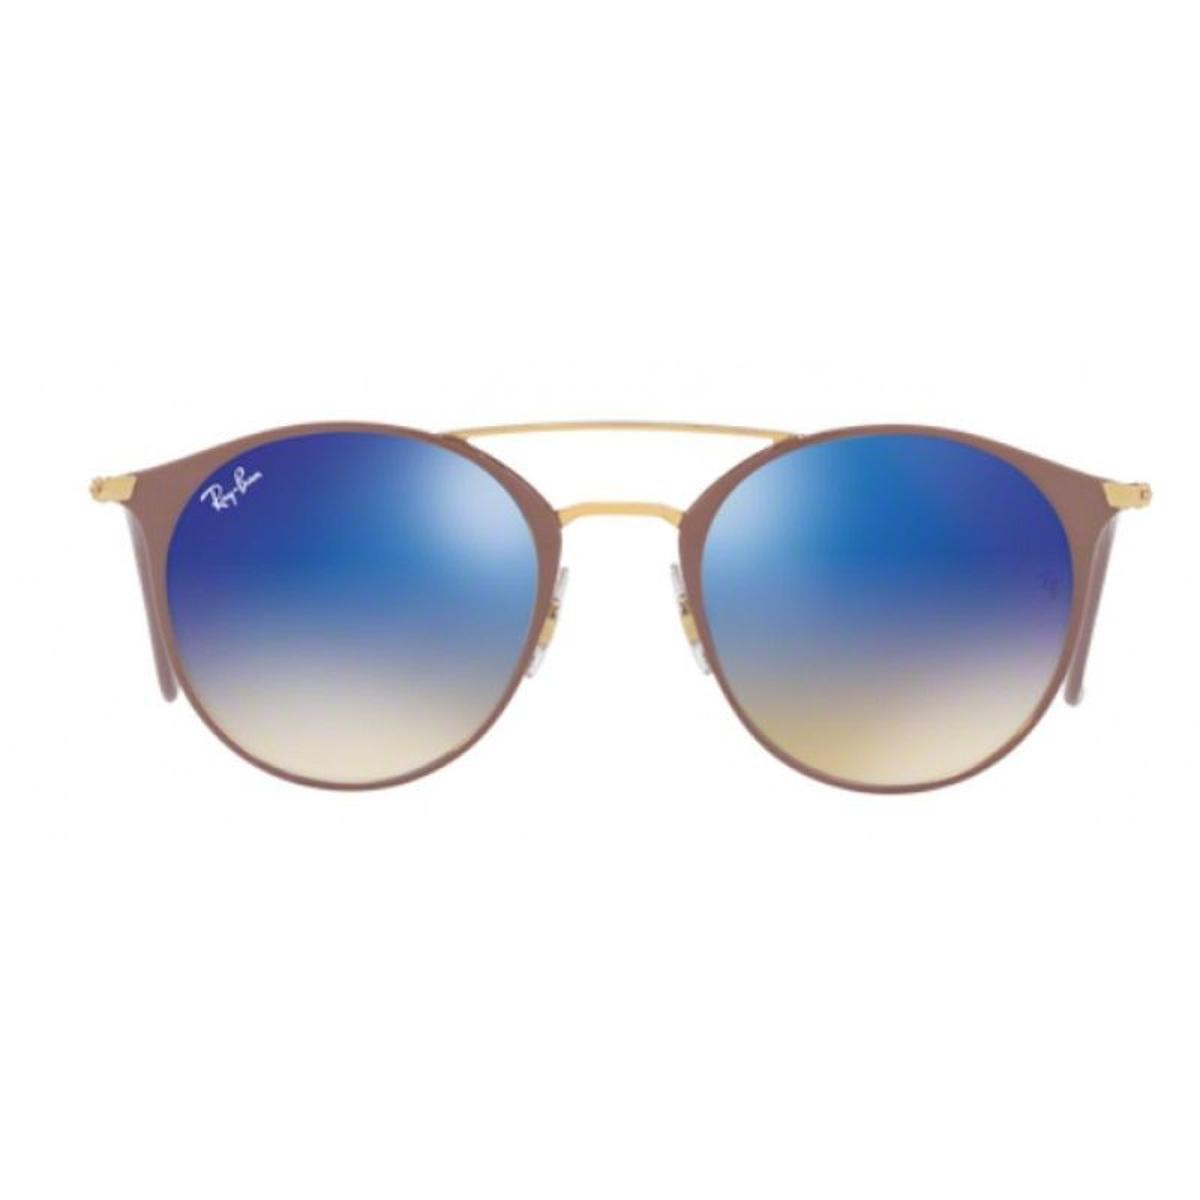 RAY-BAN Lunettes de soleil mixte RAY BAN Bleu RB 3546 90118B49 20 07f9667e7711